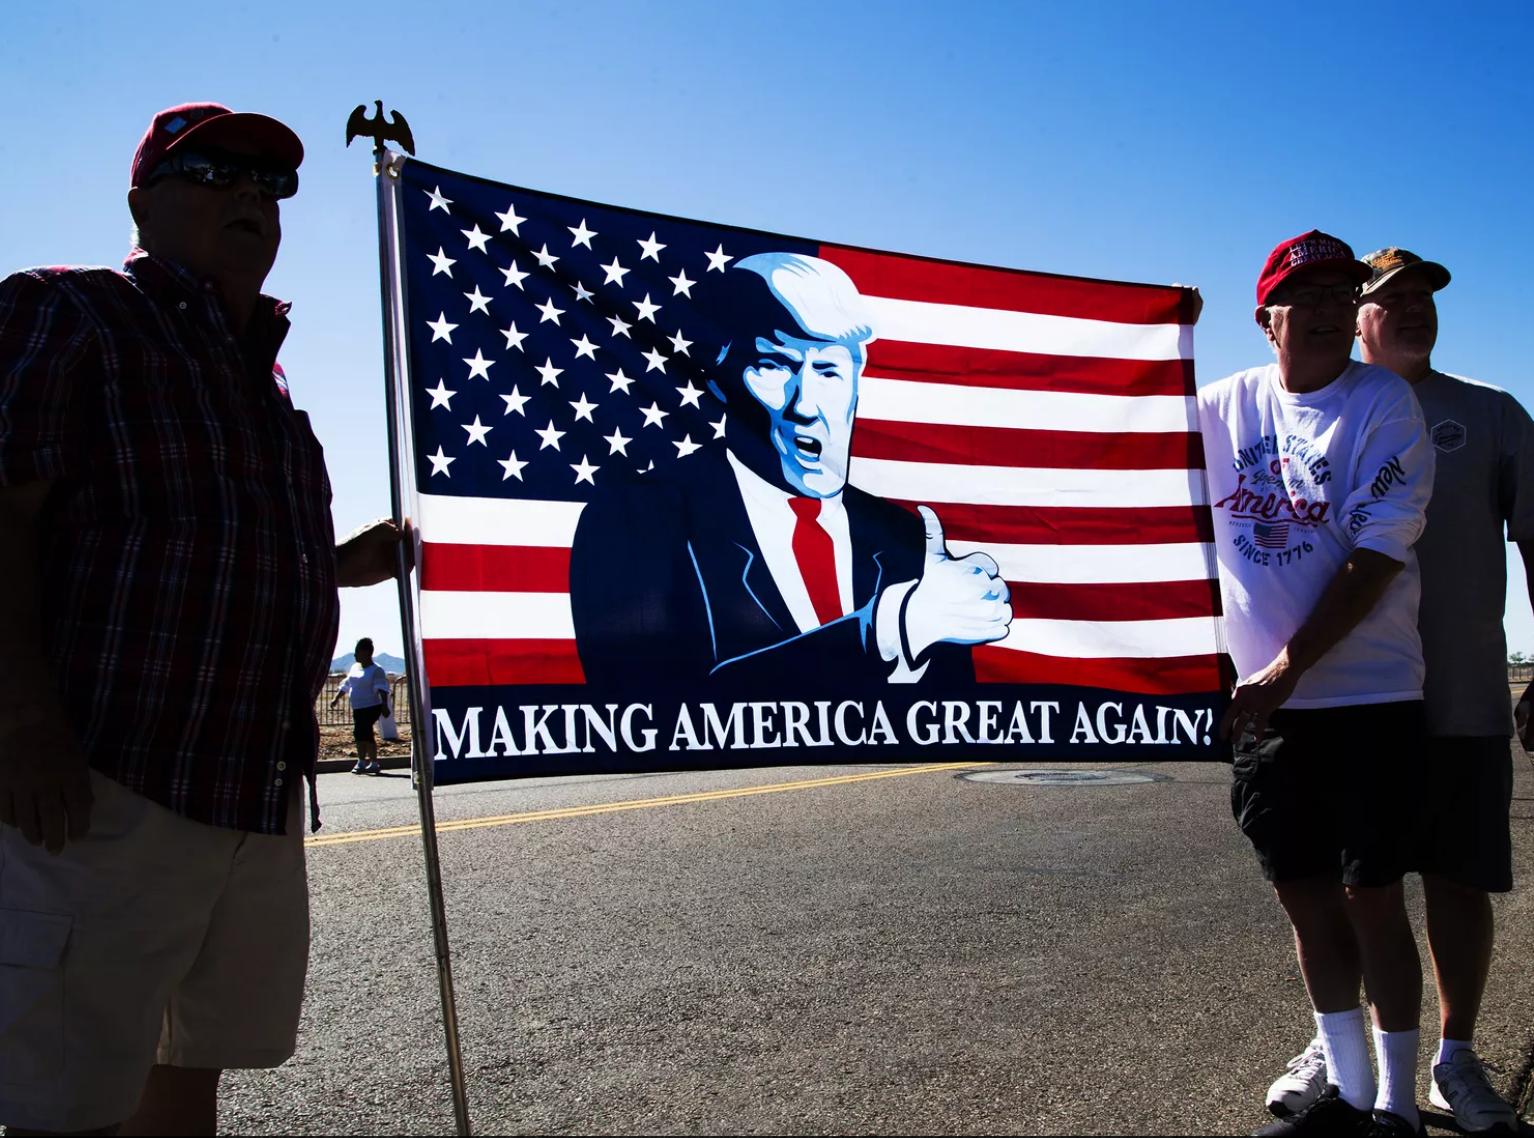 Cientos de simpatizantes del presidente Donald Trump salieron a las calles a mostrar su respaldo el 19 de octubre de 2018, aprovechando la visita del mandatario al Valle del Sol.